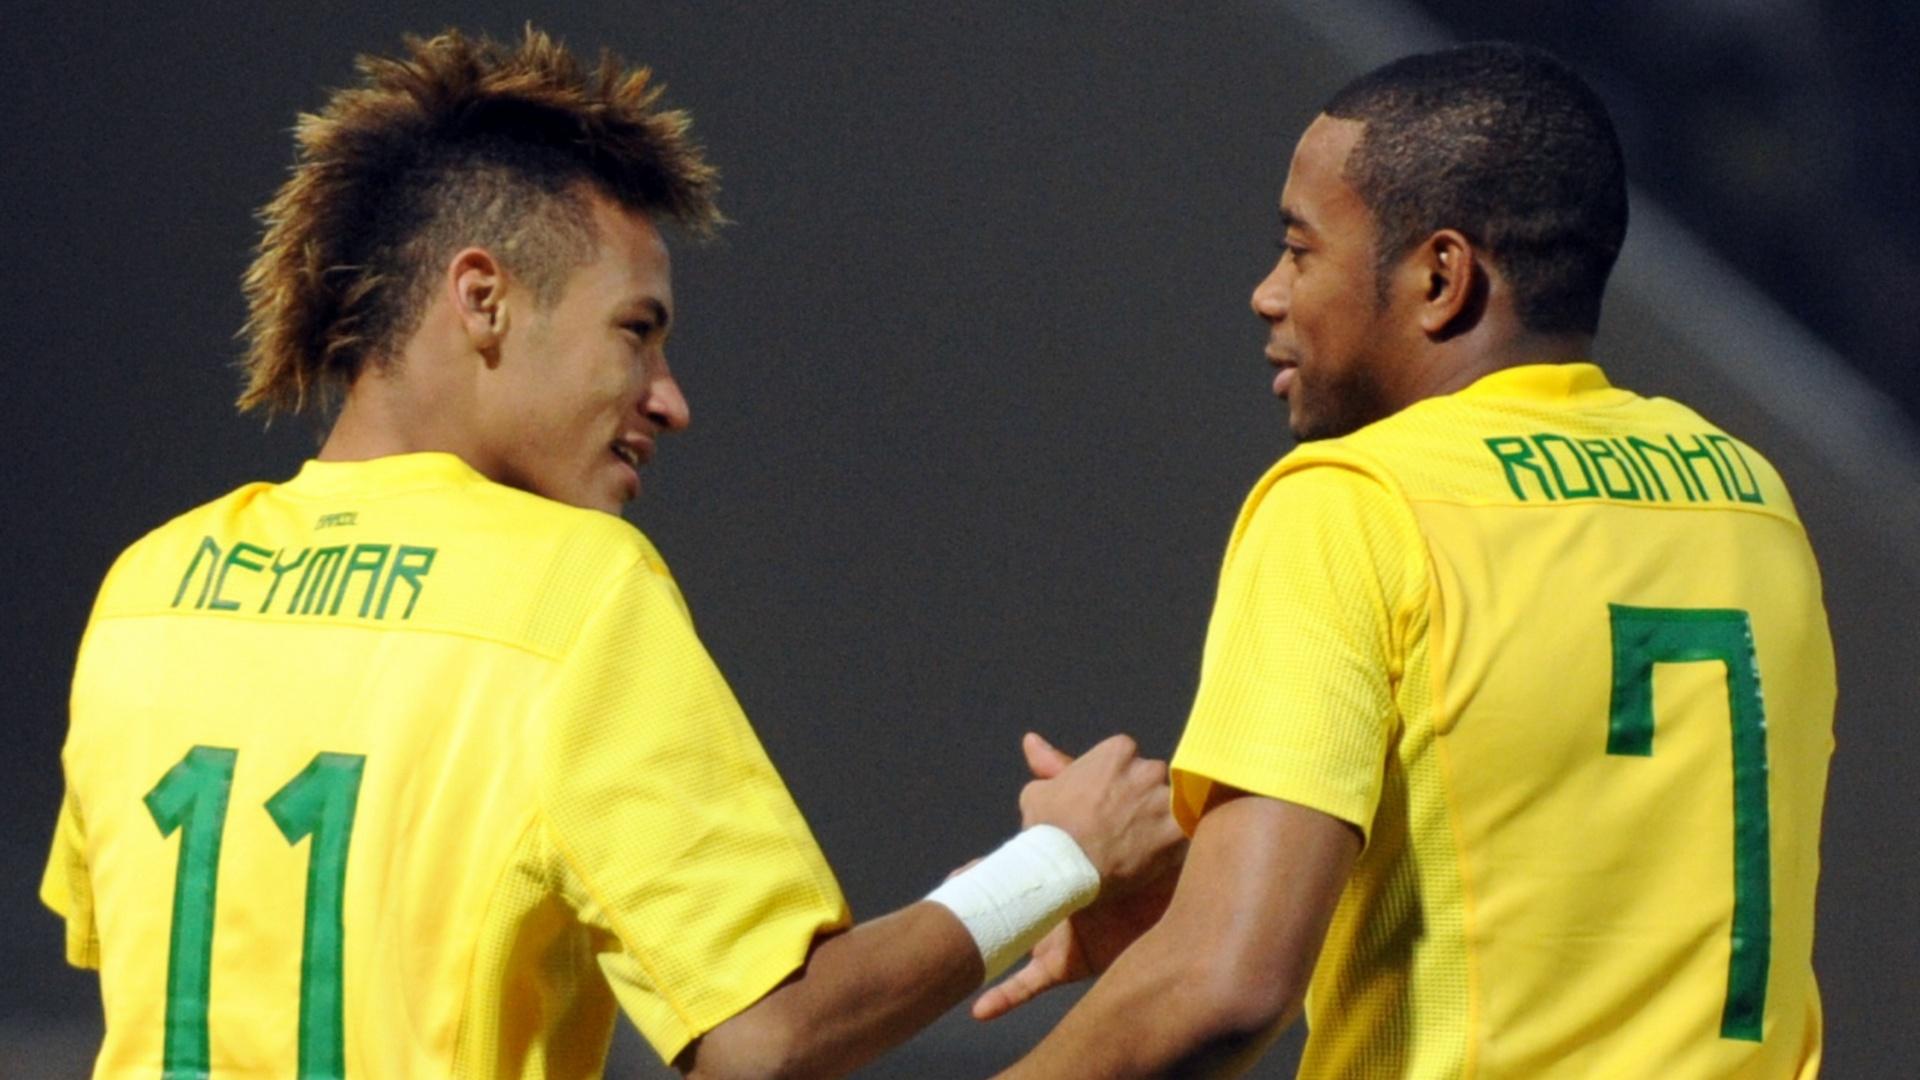 'Neymar, İnşallah Türkiye'ye gelir'